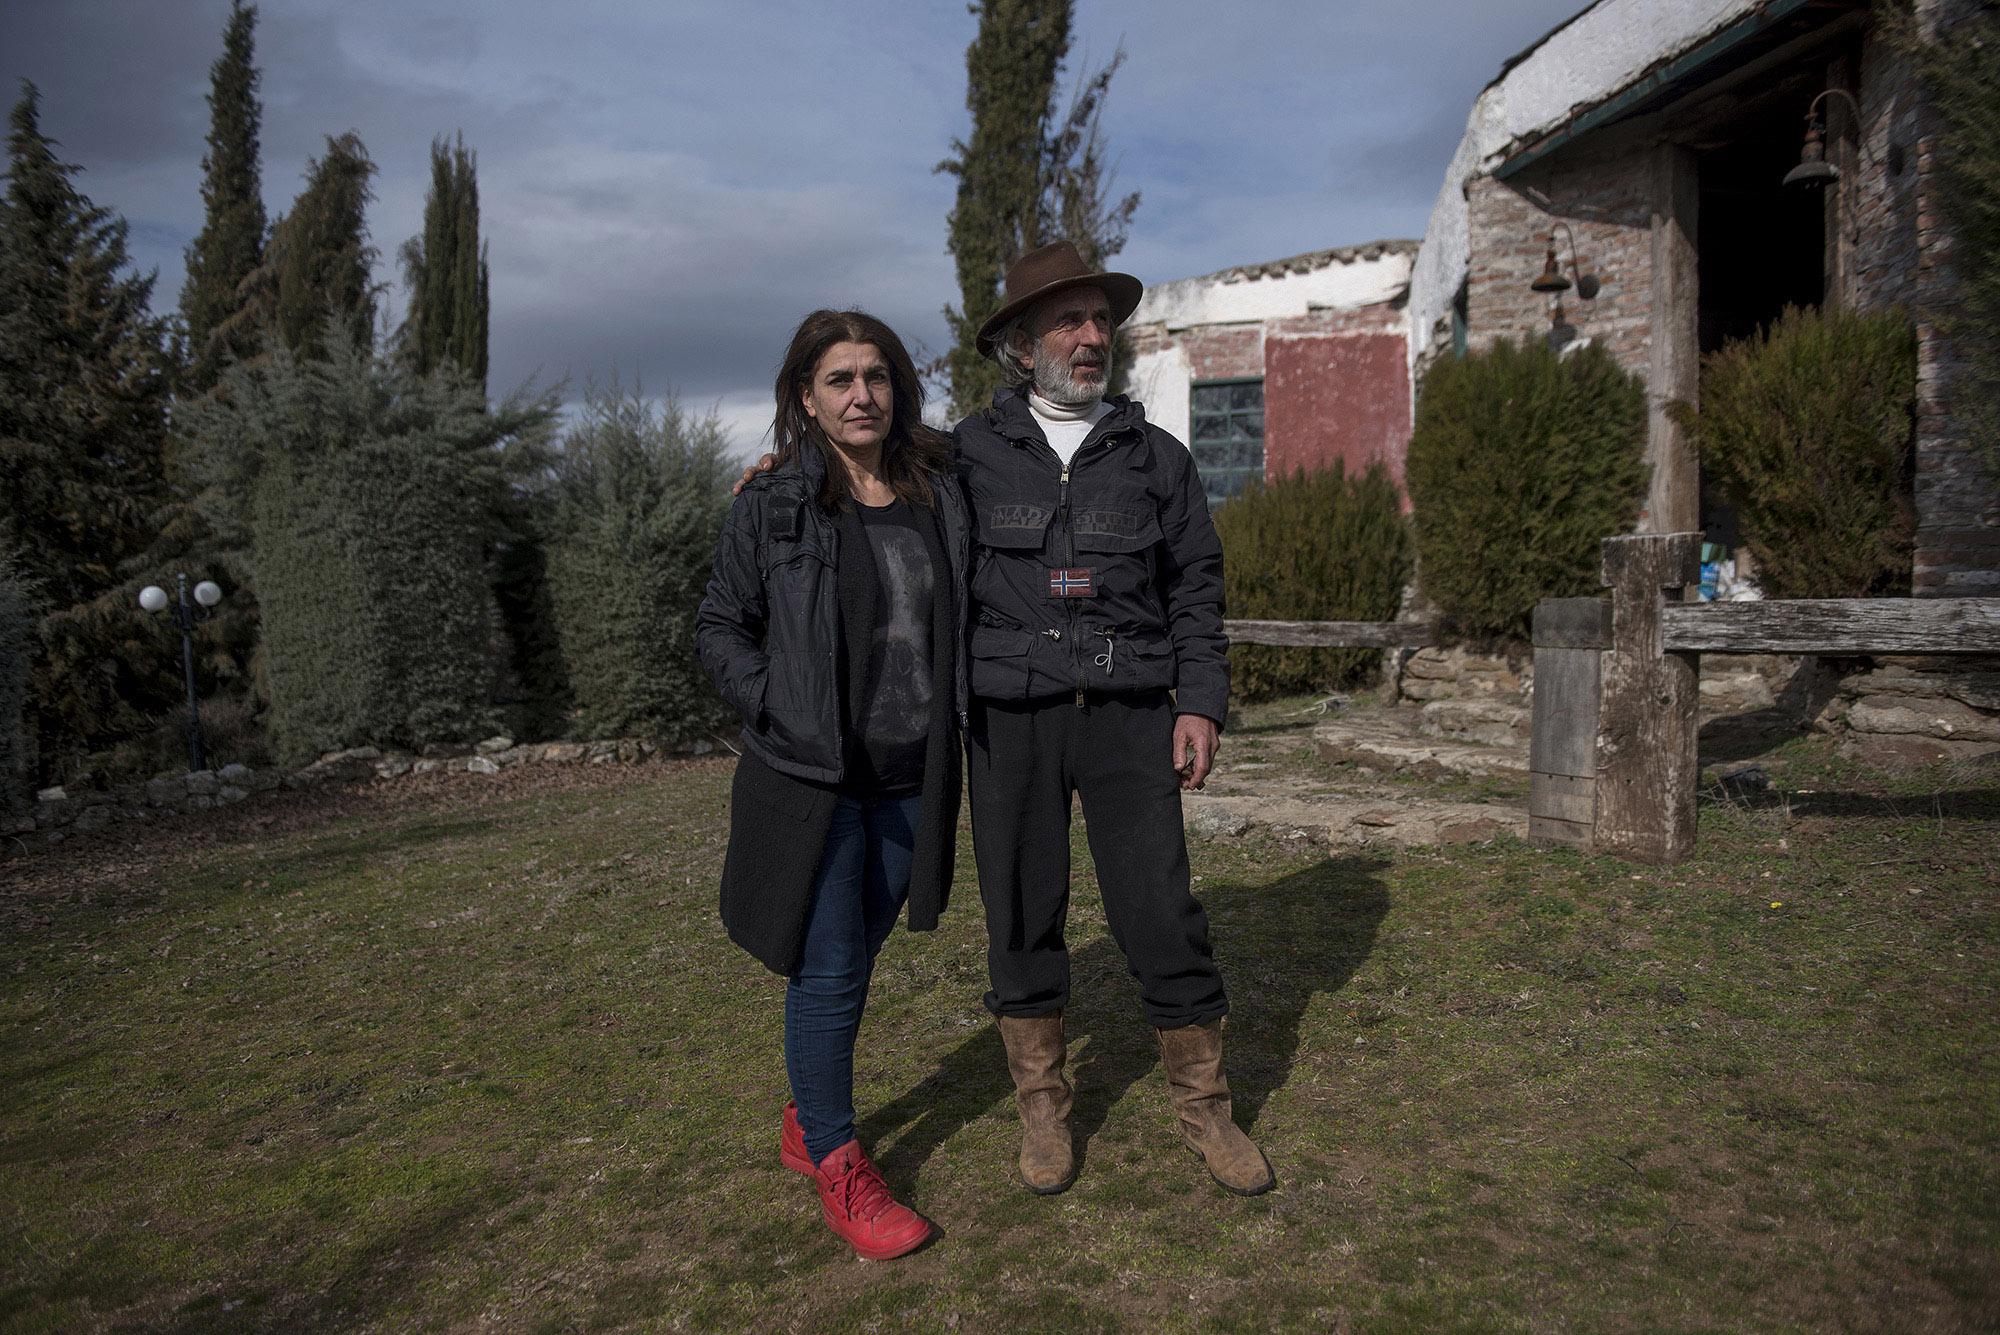 Ο Θωμάς Ντούμας με τη σύζυγό του, Ράνια.